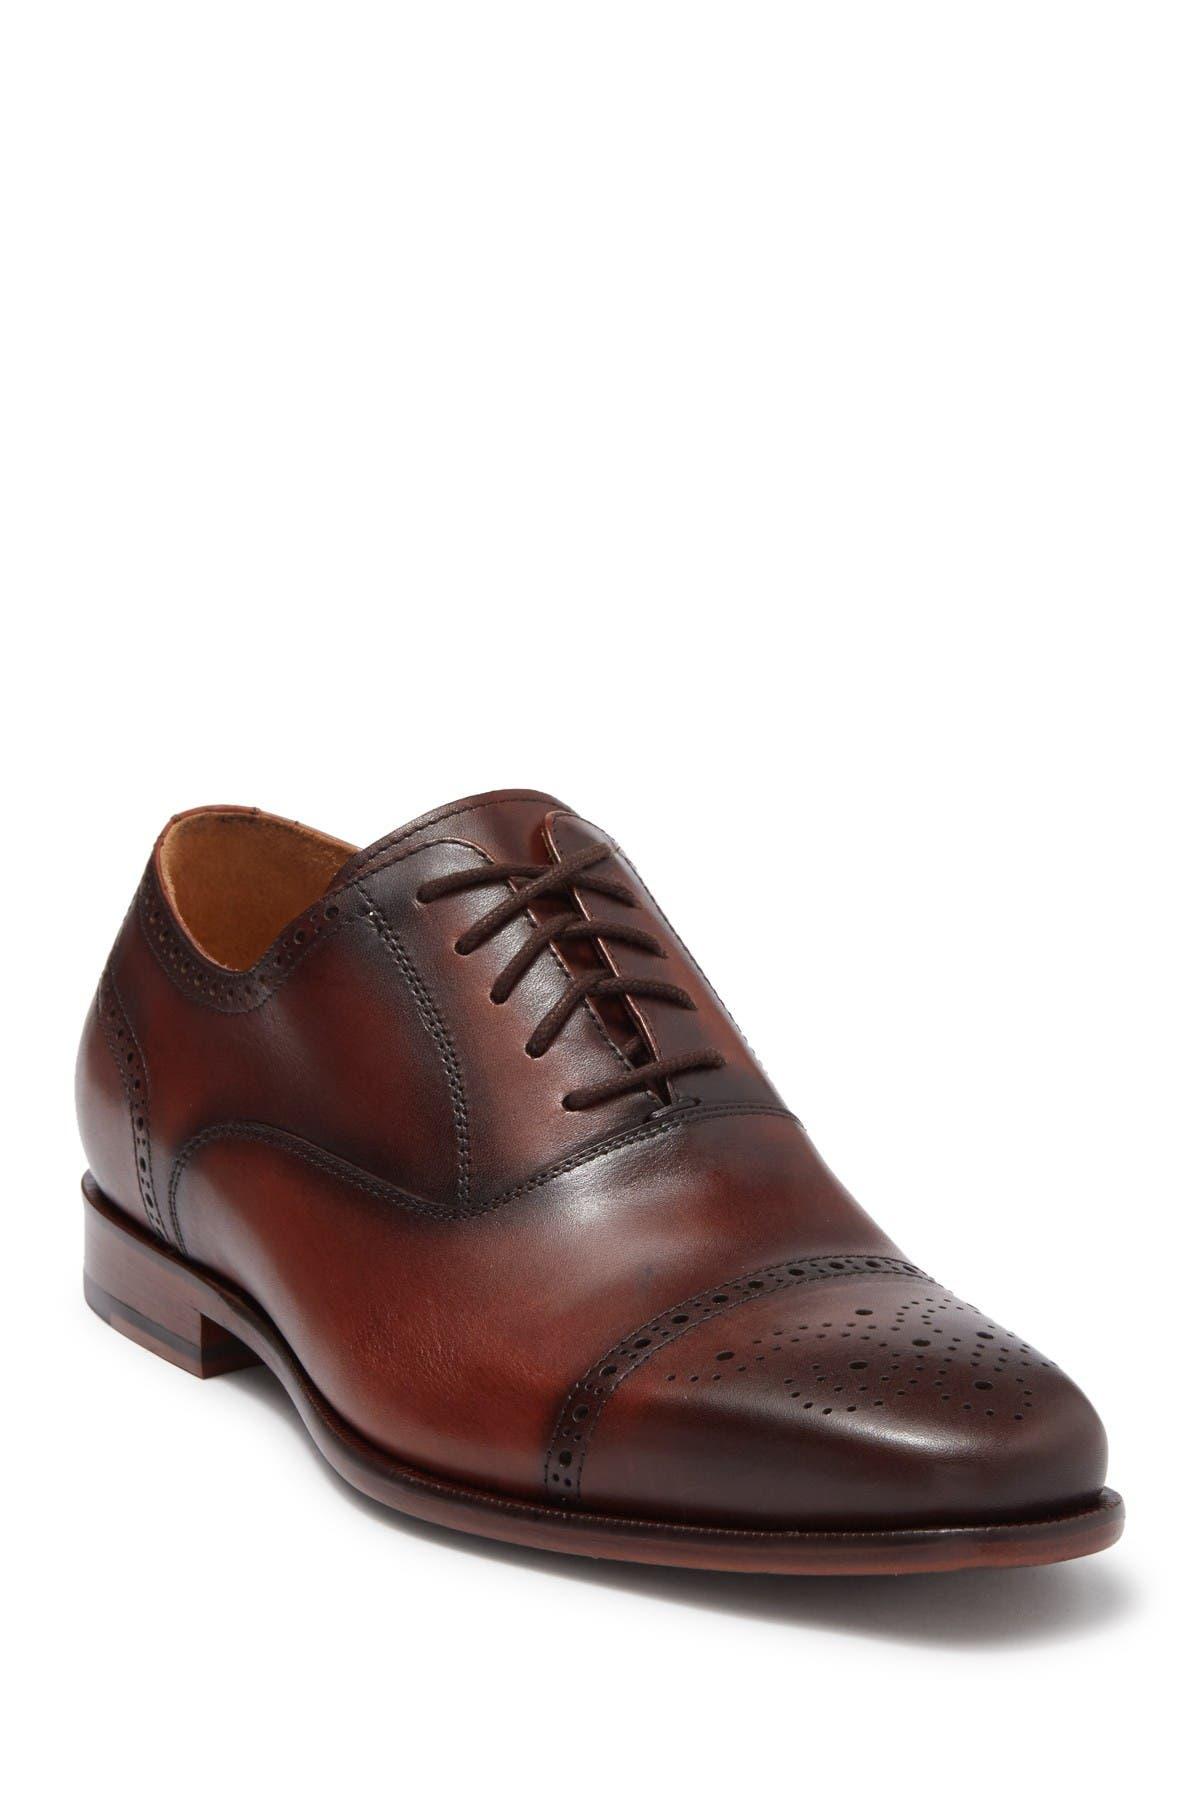 Image of Curatore Camerino Oxford Shoe